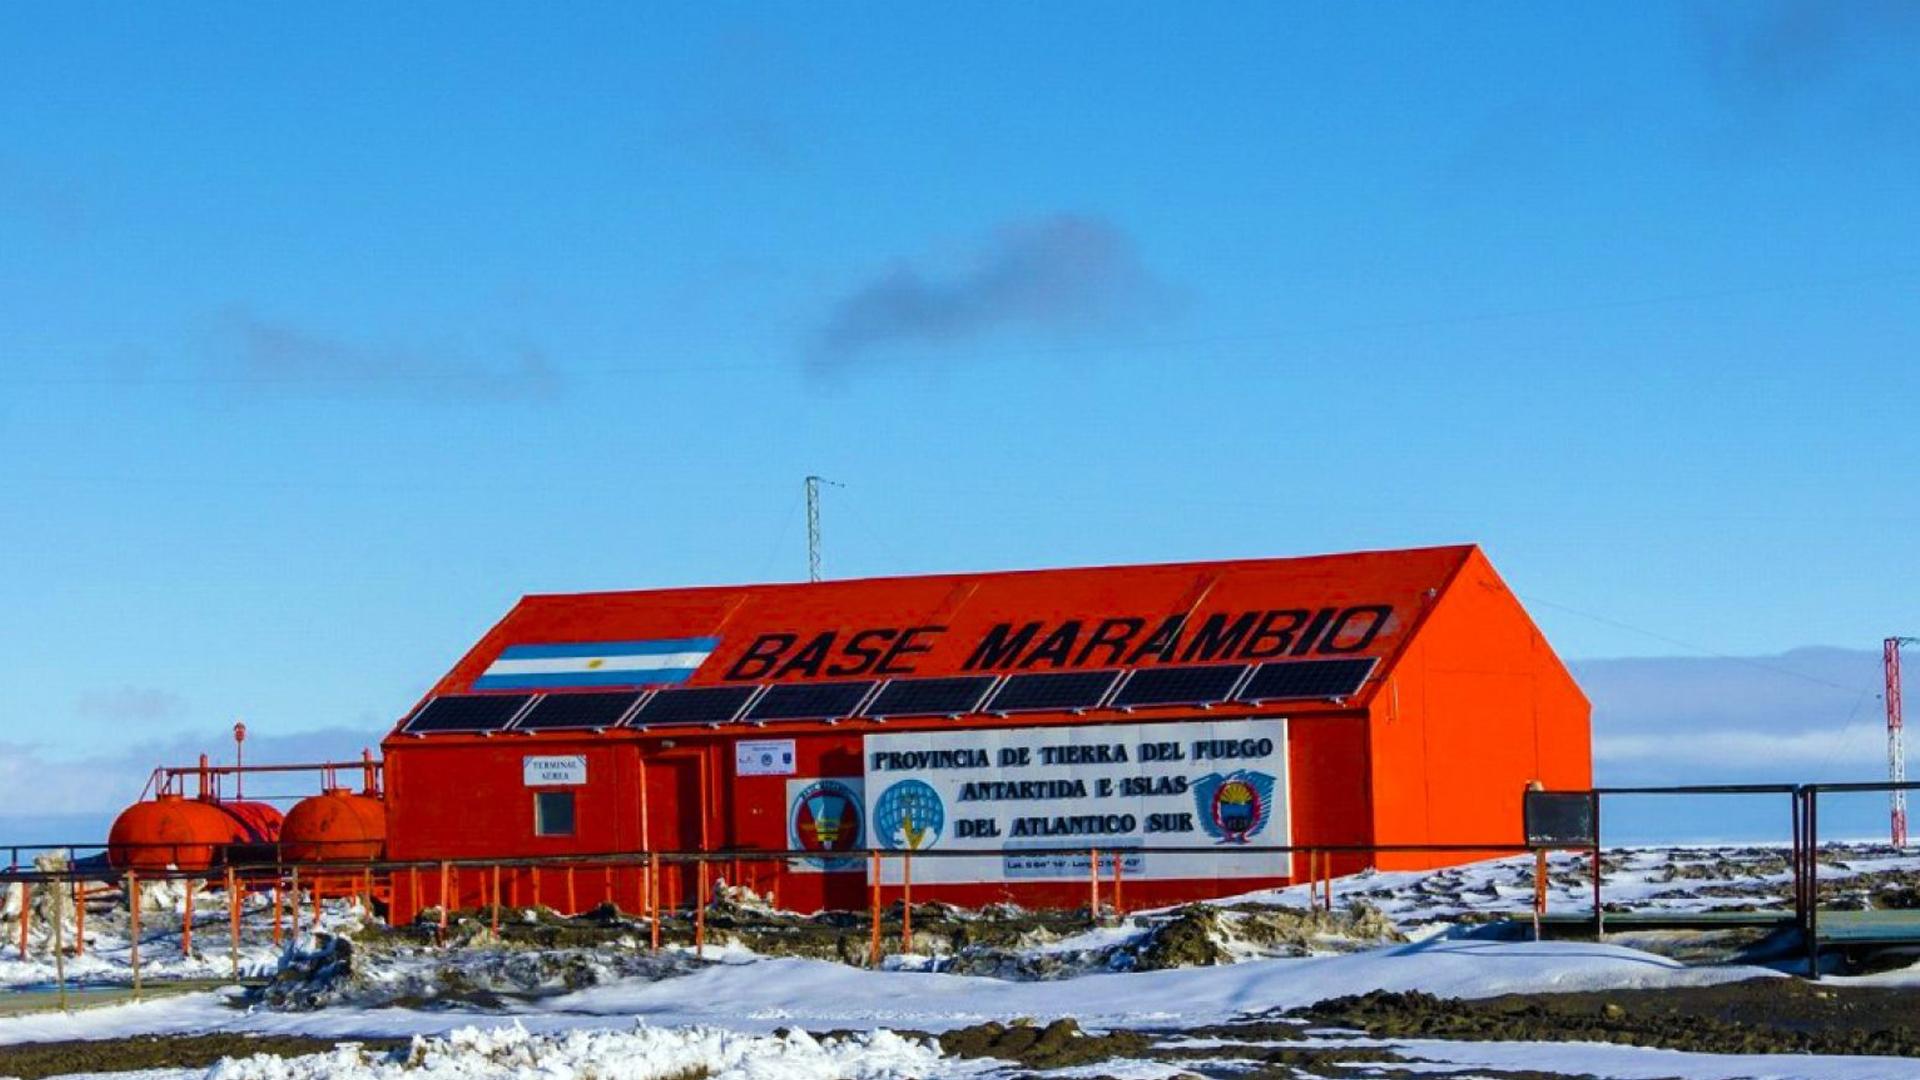 Marambio es una de las seis bases permanentes con las que cuenta la Argentina en la Antártida. Foto: Archivo DEF.